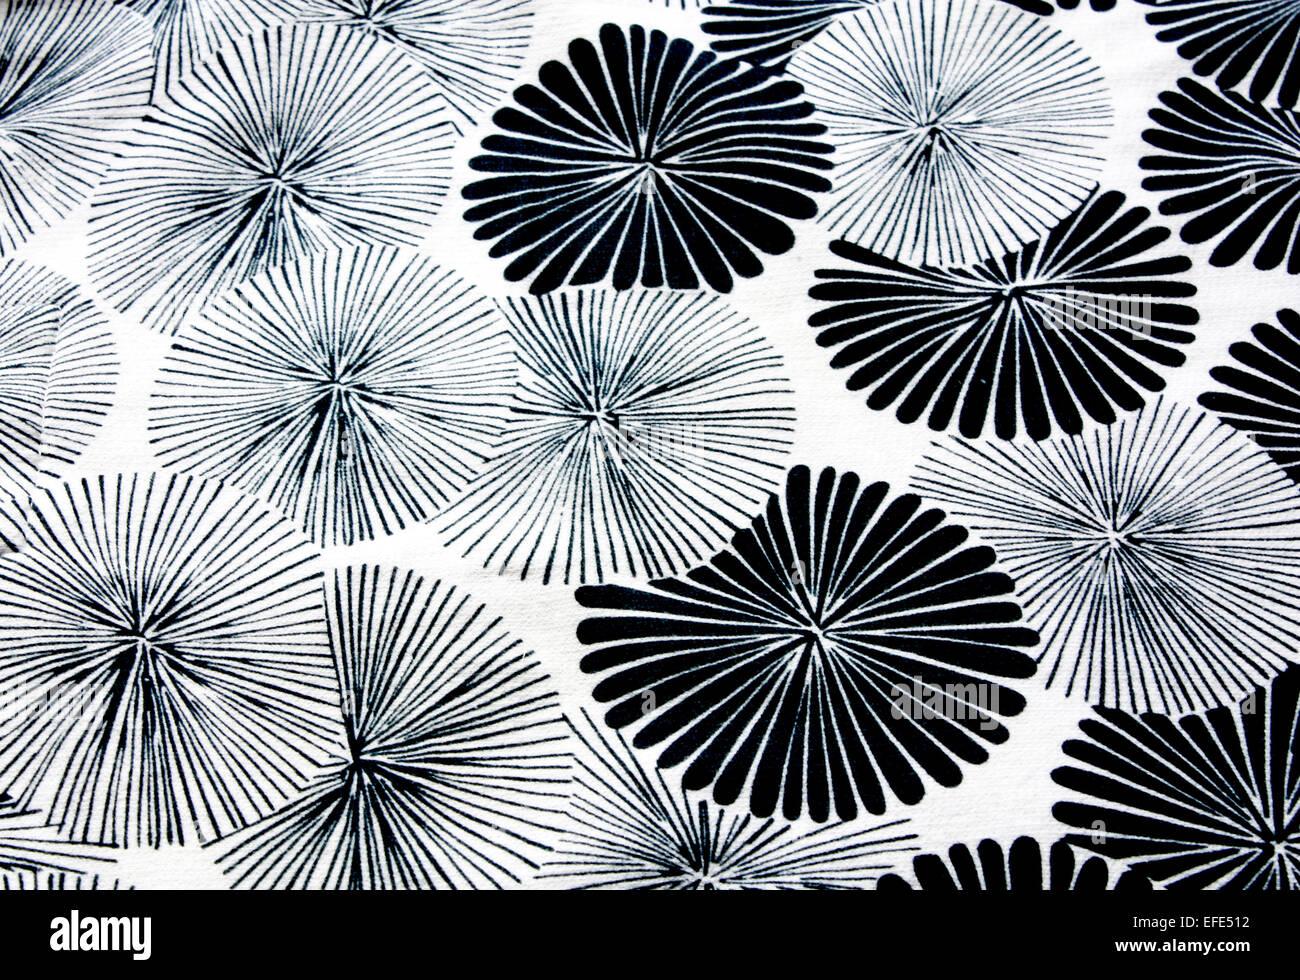 Zusammenfassung Hintergrund wiederholen runden Blumenmuster in schwarz / weiß Stockbild